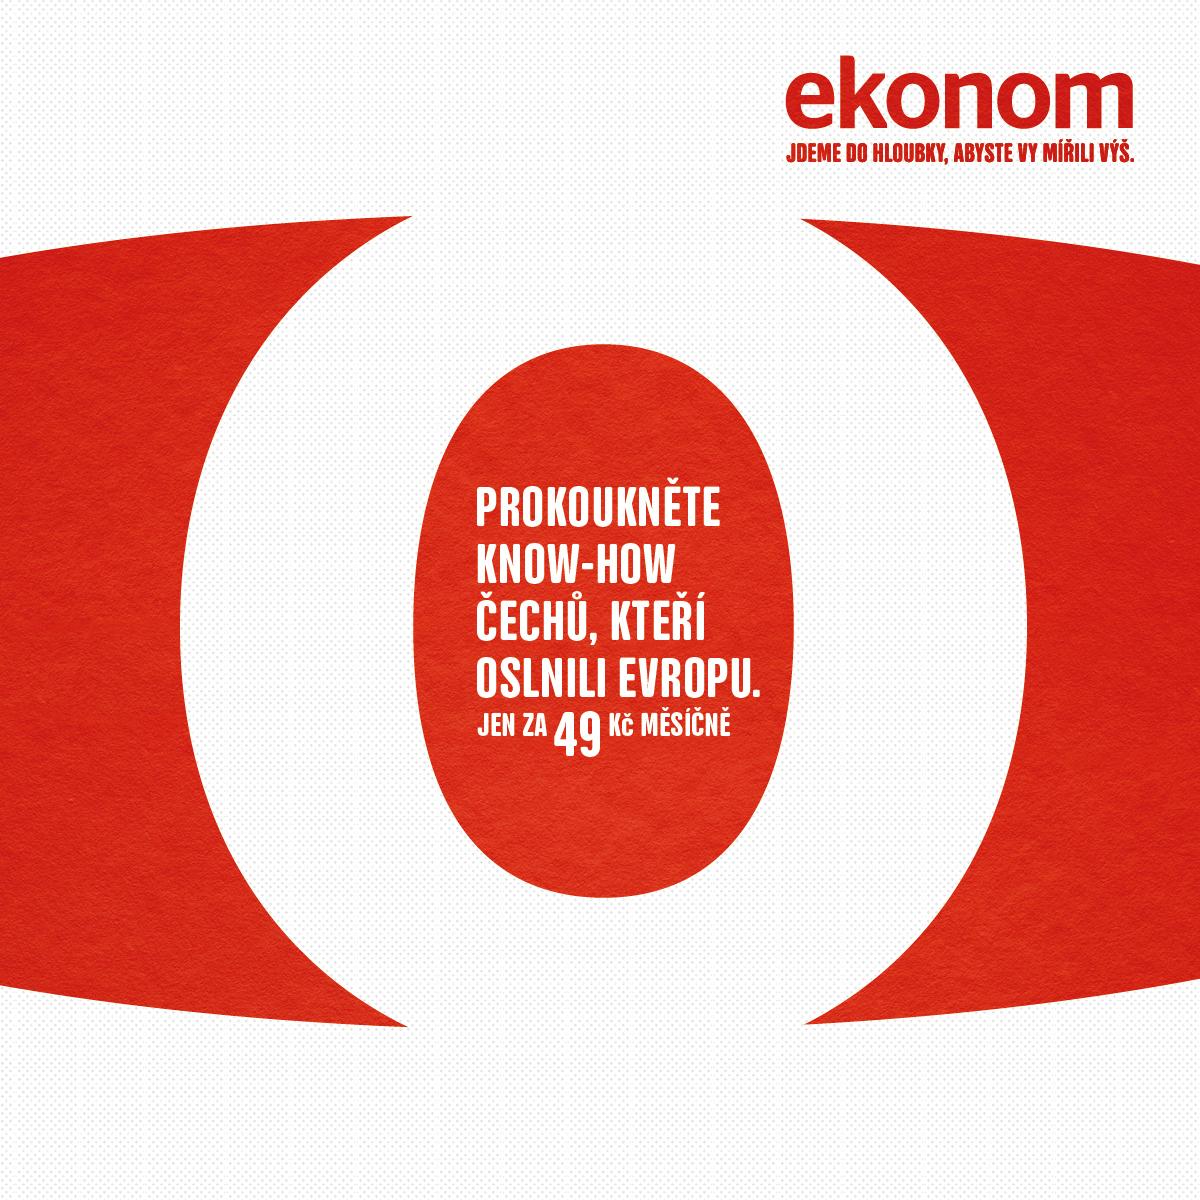 Vizuál z aktuální kampaně Ekonomu od VCCP